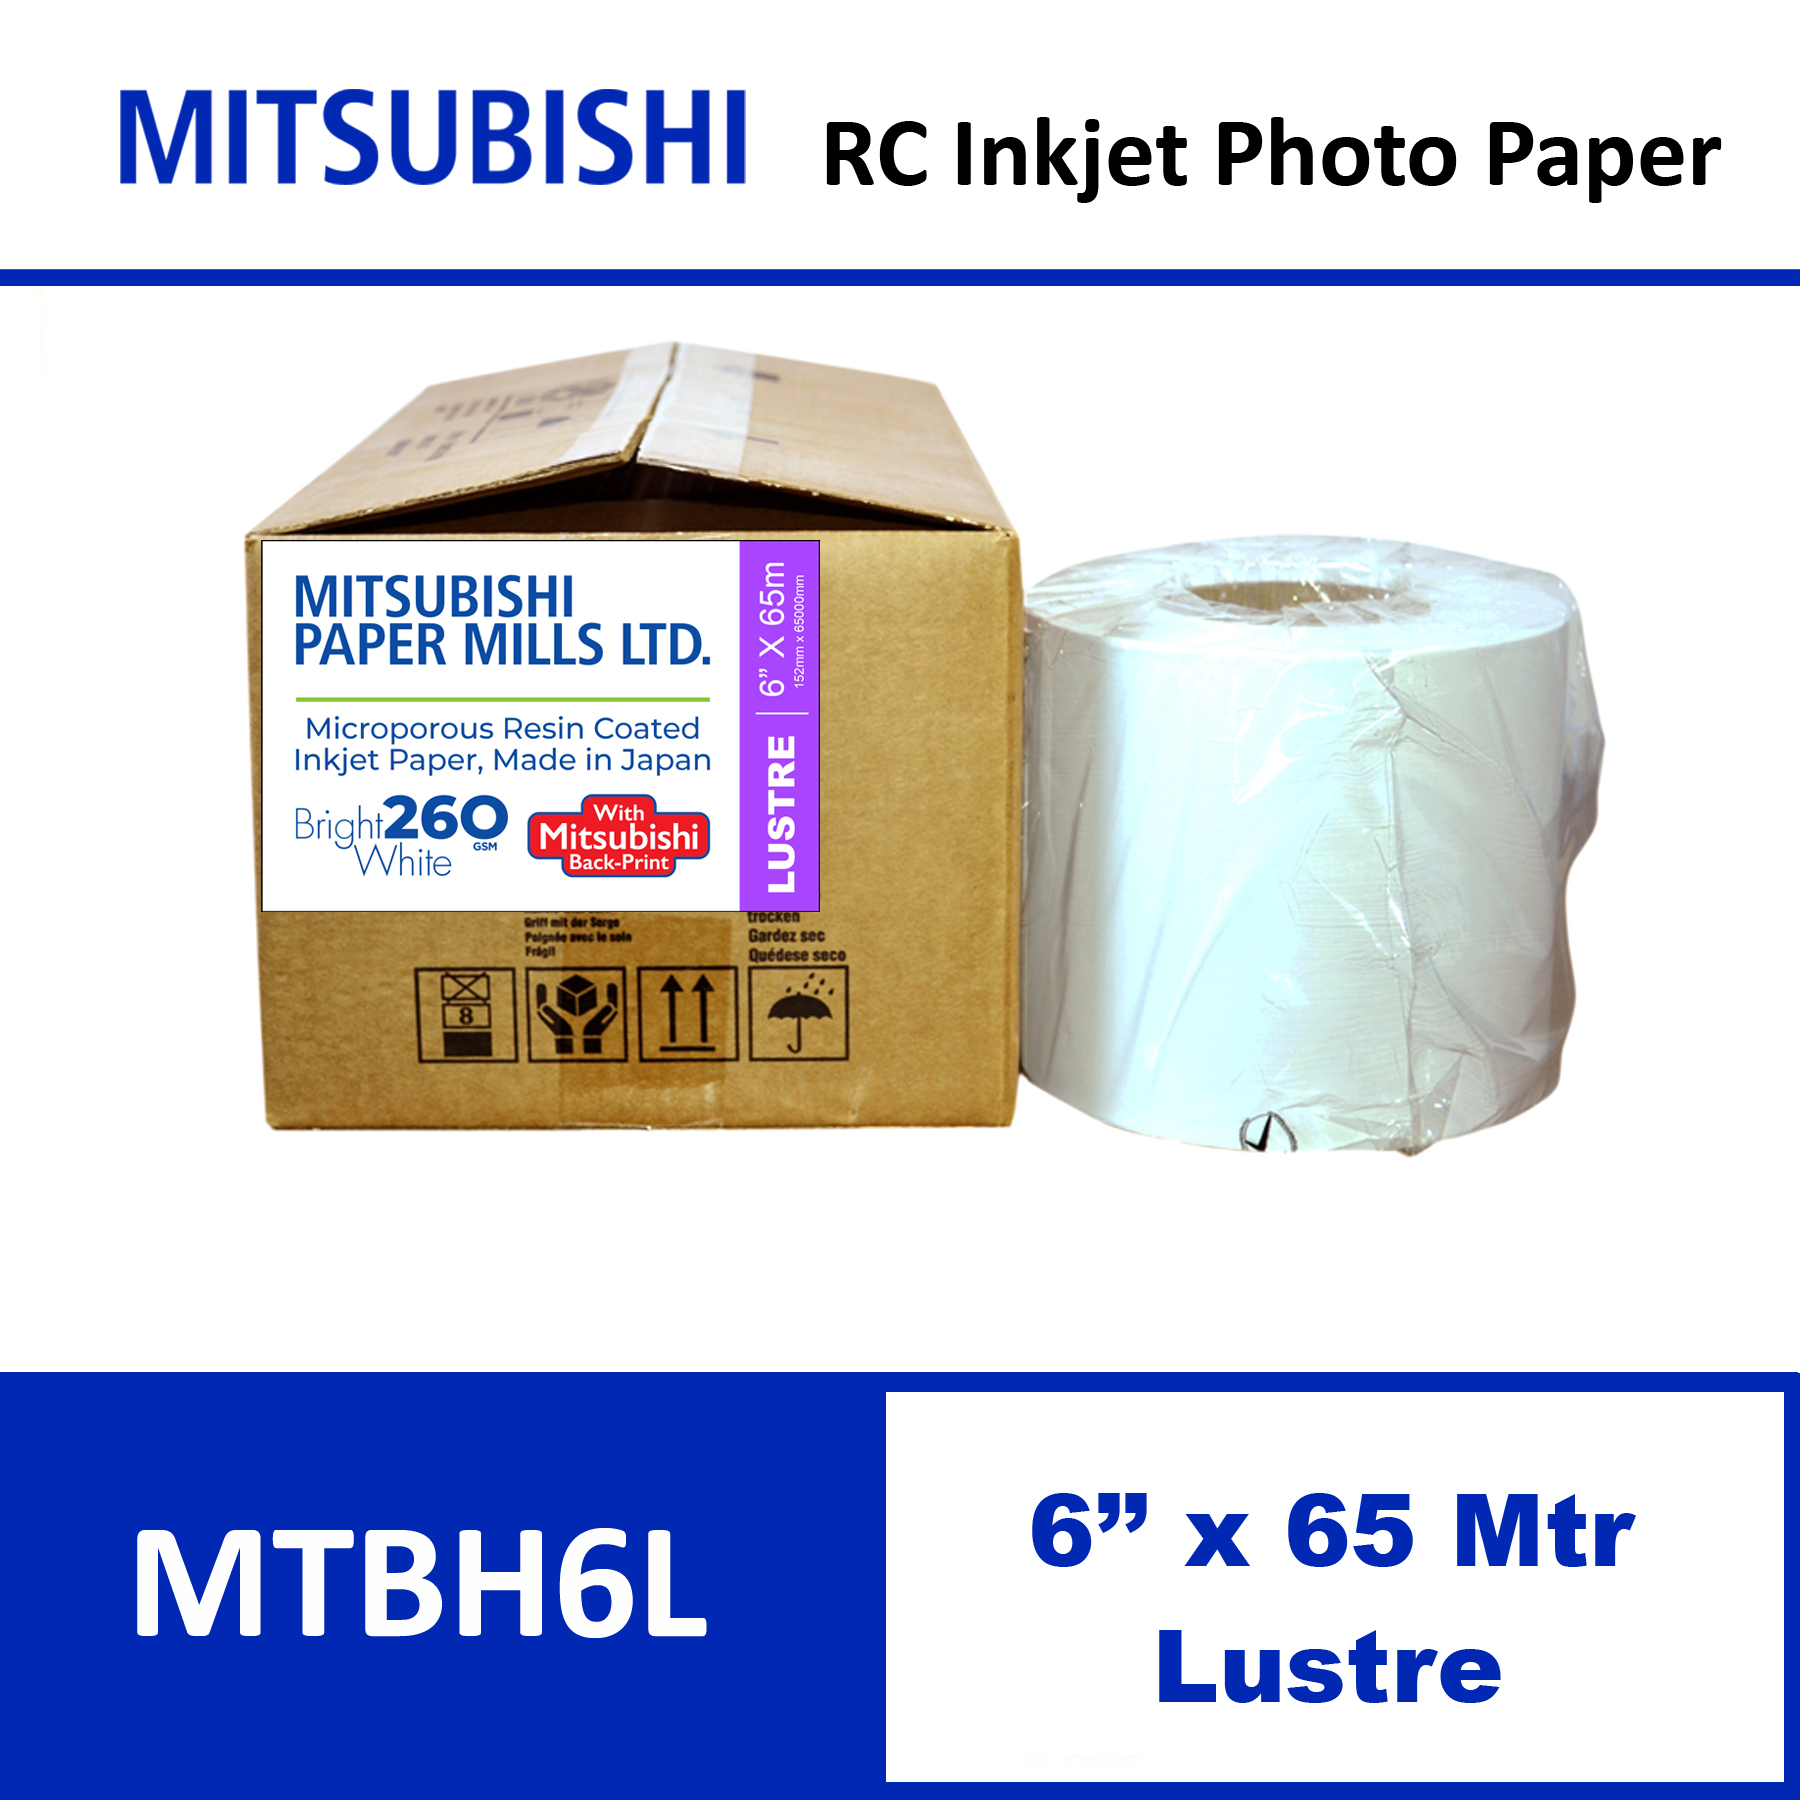 """Mitsubishi Inkjet RC Paper 6"""" x 65 Mtrs Lustre"""